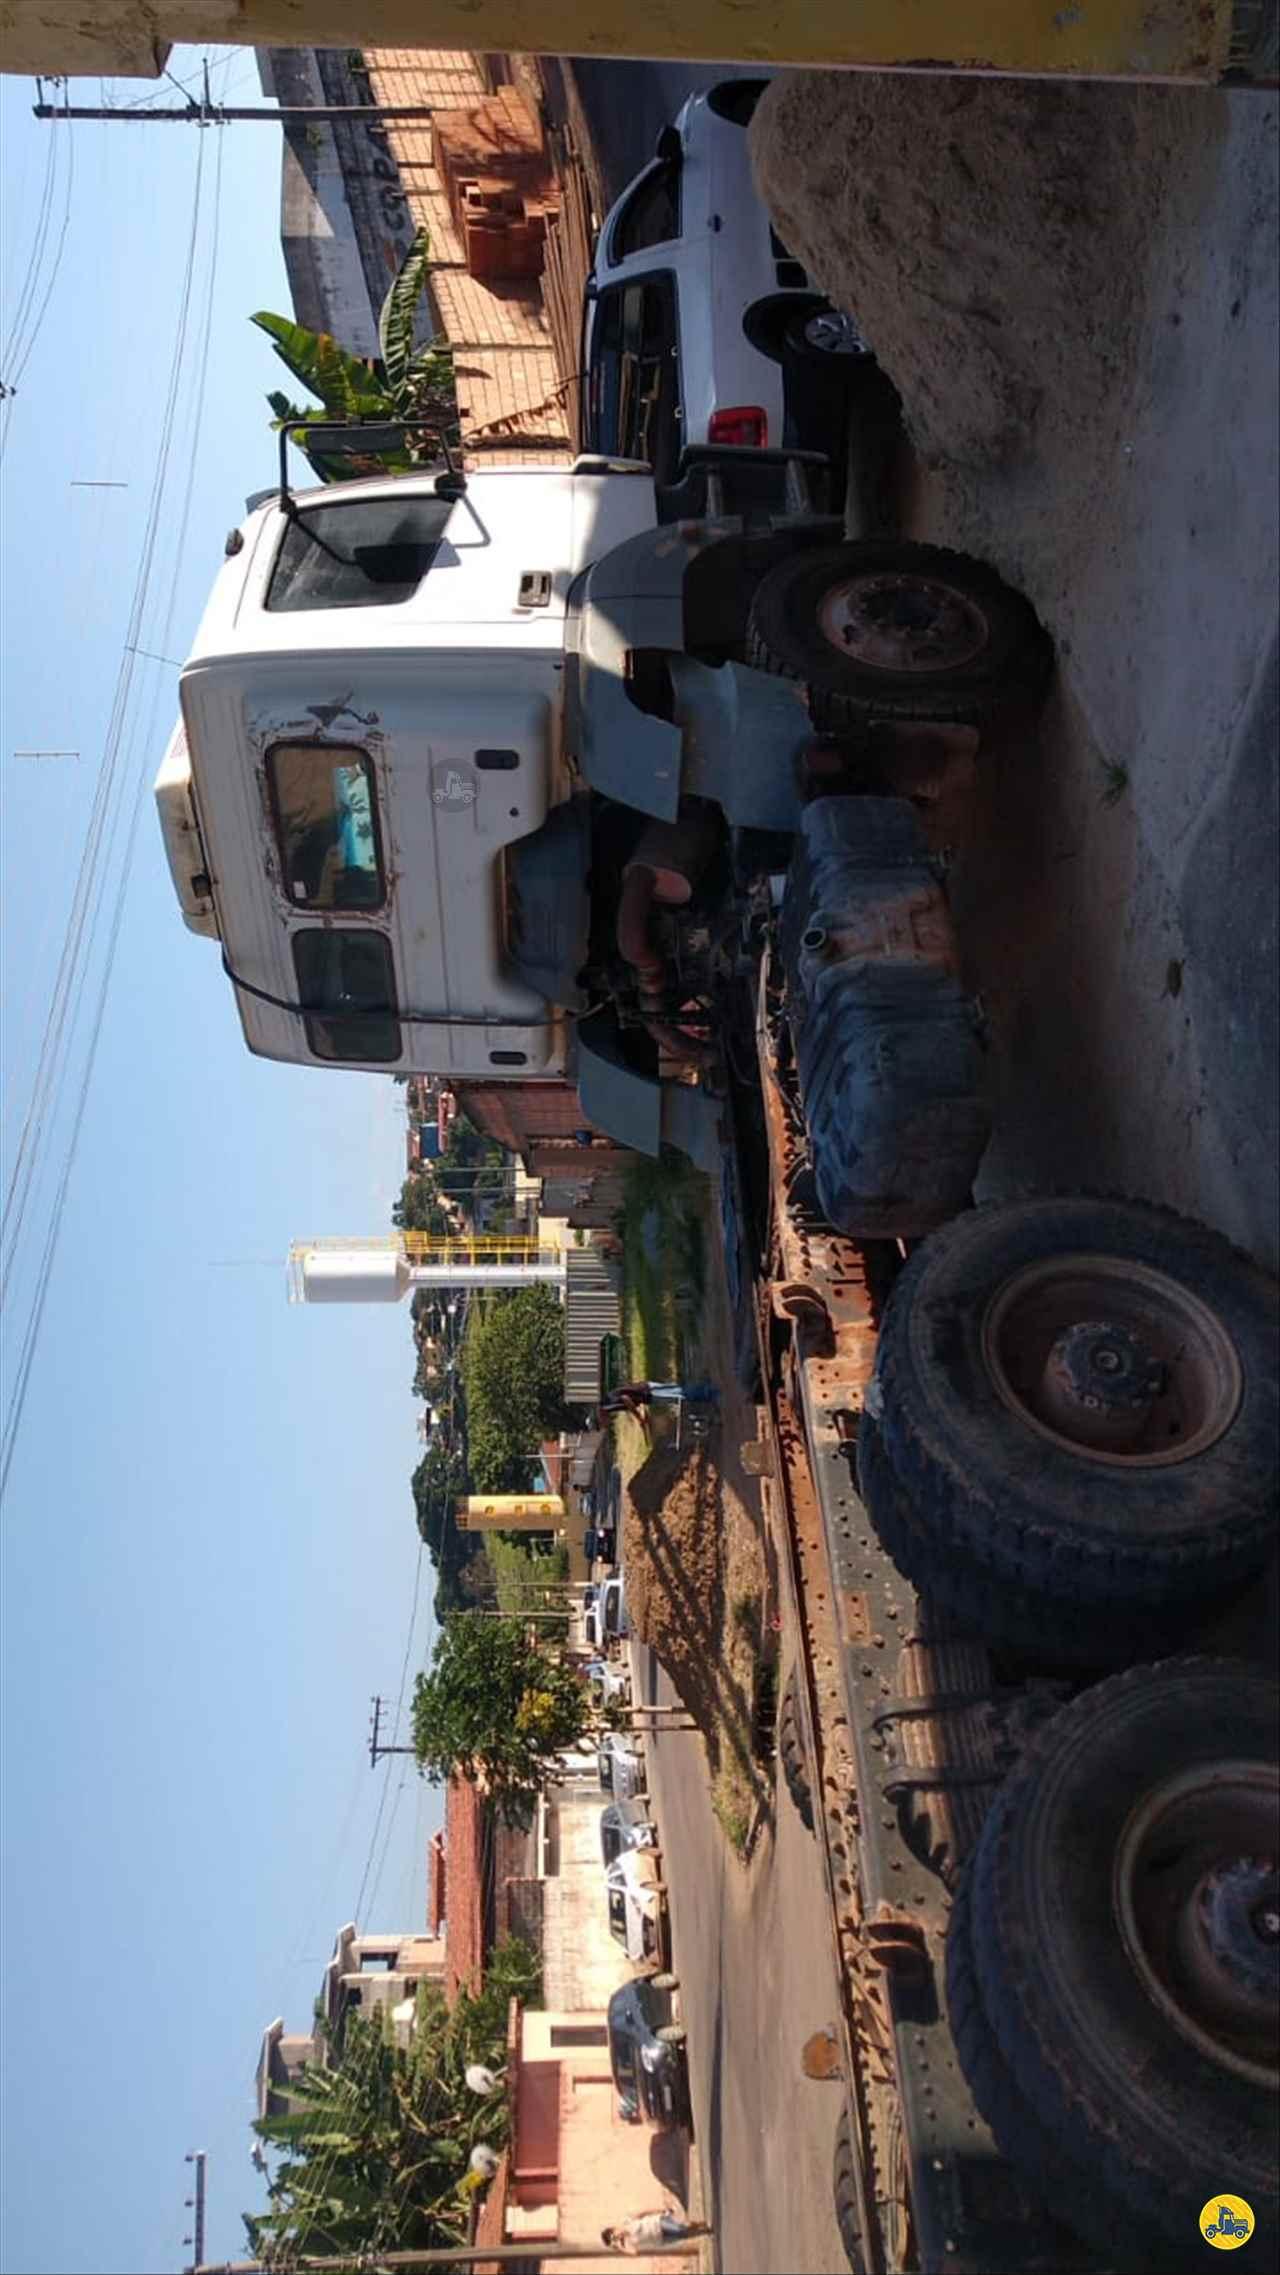 MERCEDES-BENZ MB 4144 123km 2010/2010 Caminhões Certos